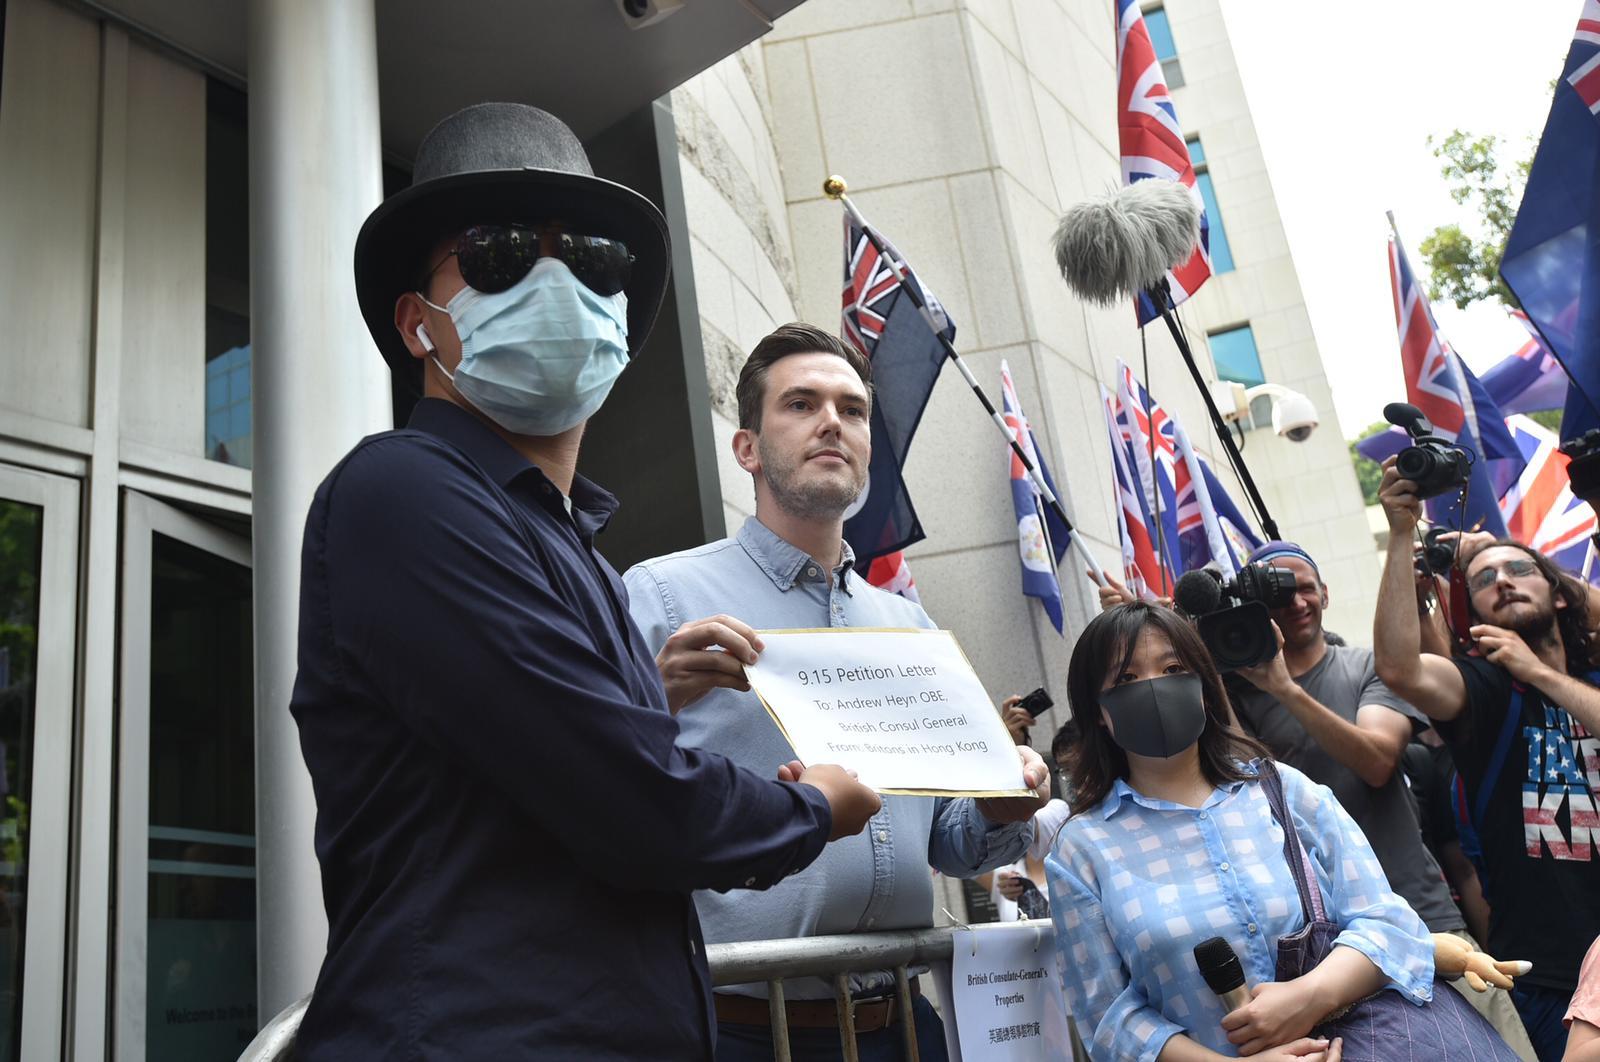 【修例風波】市民英領事館外請願 高呼口號舉英國國旗